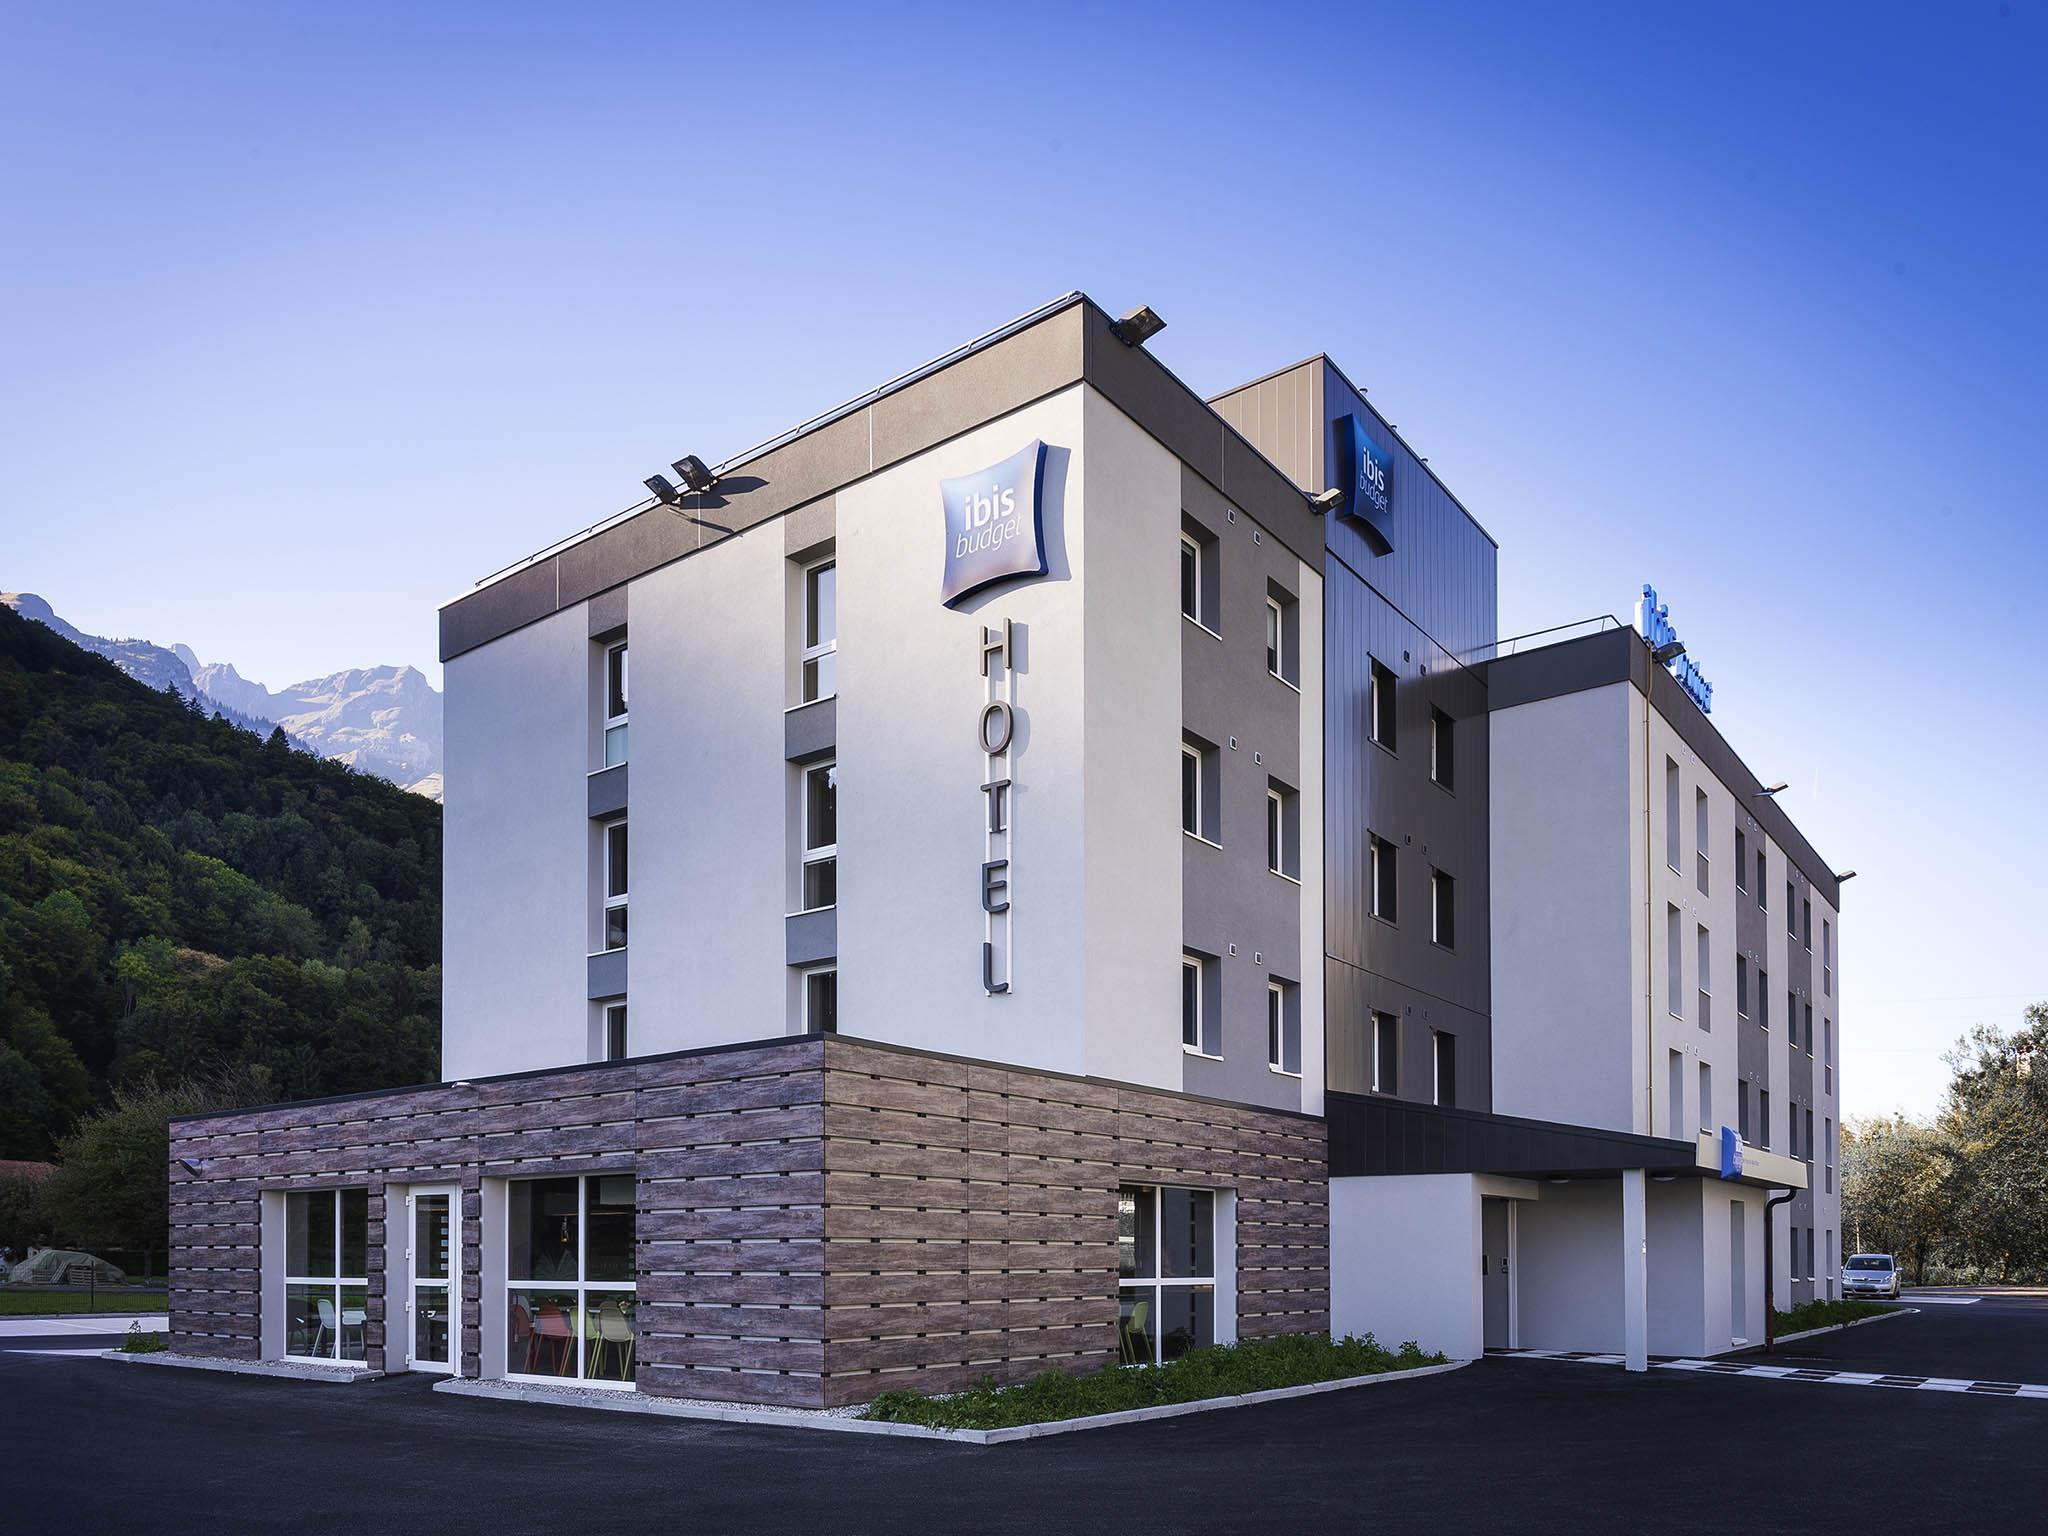 Hotel - ibis budget Sallanches pays du Mont-Blanc